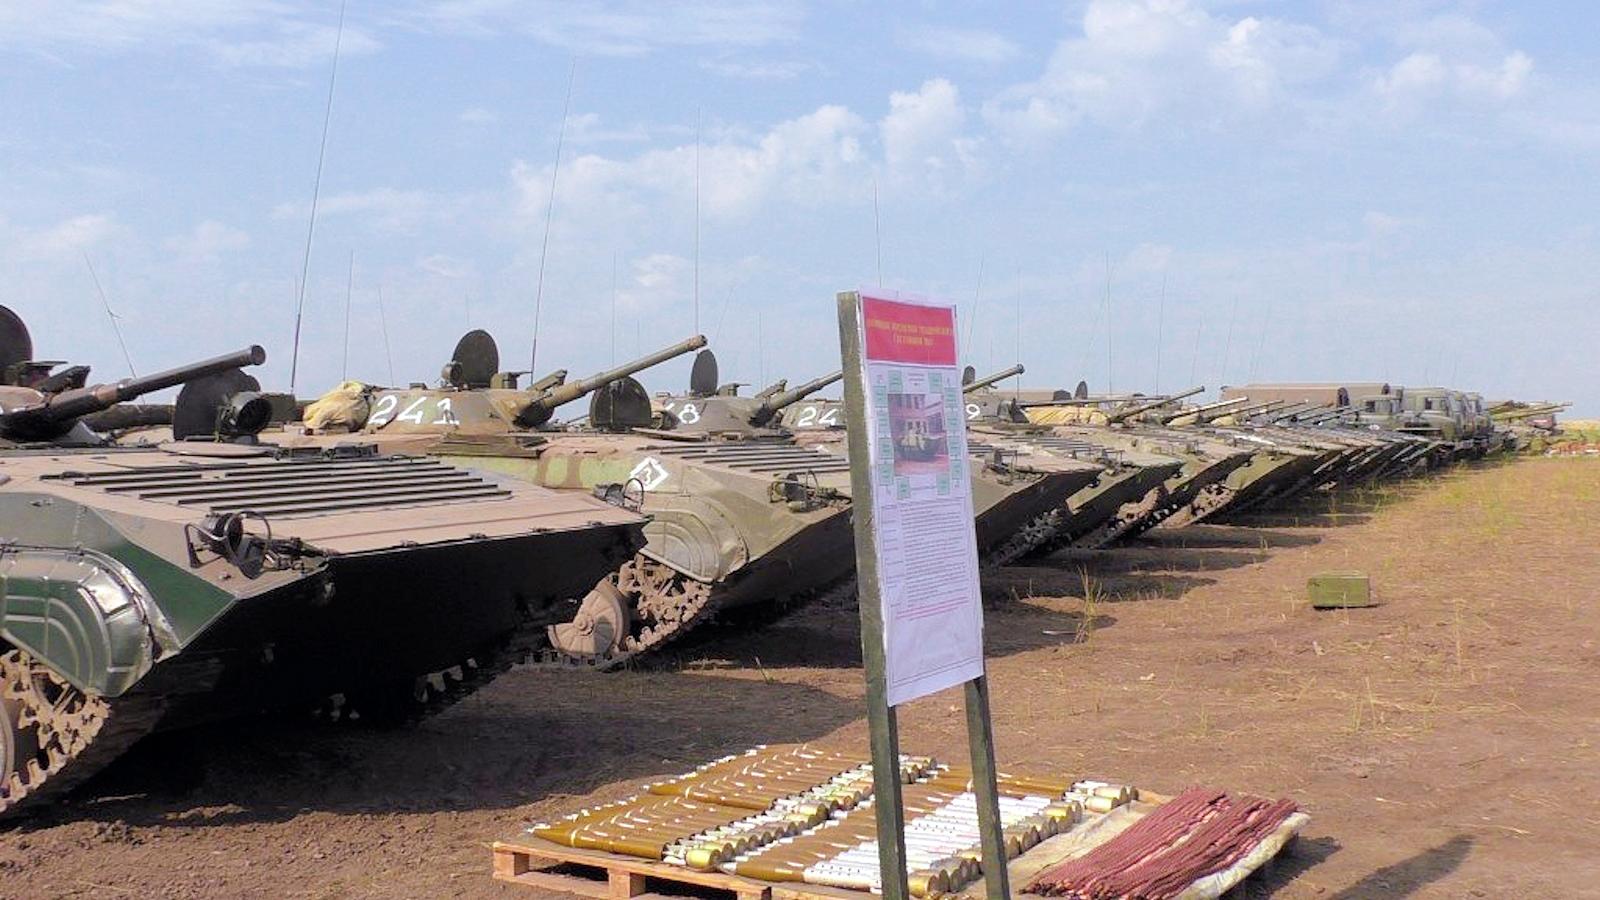 00 dnr donetsk pr army 02. 290715